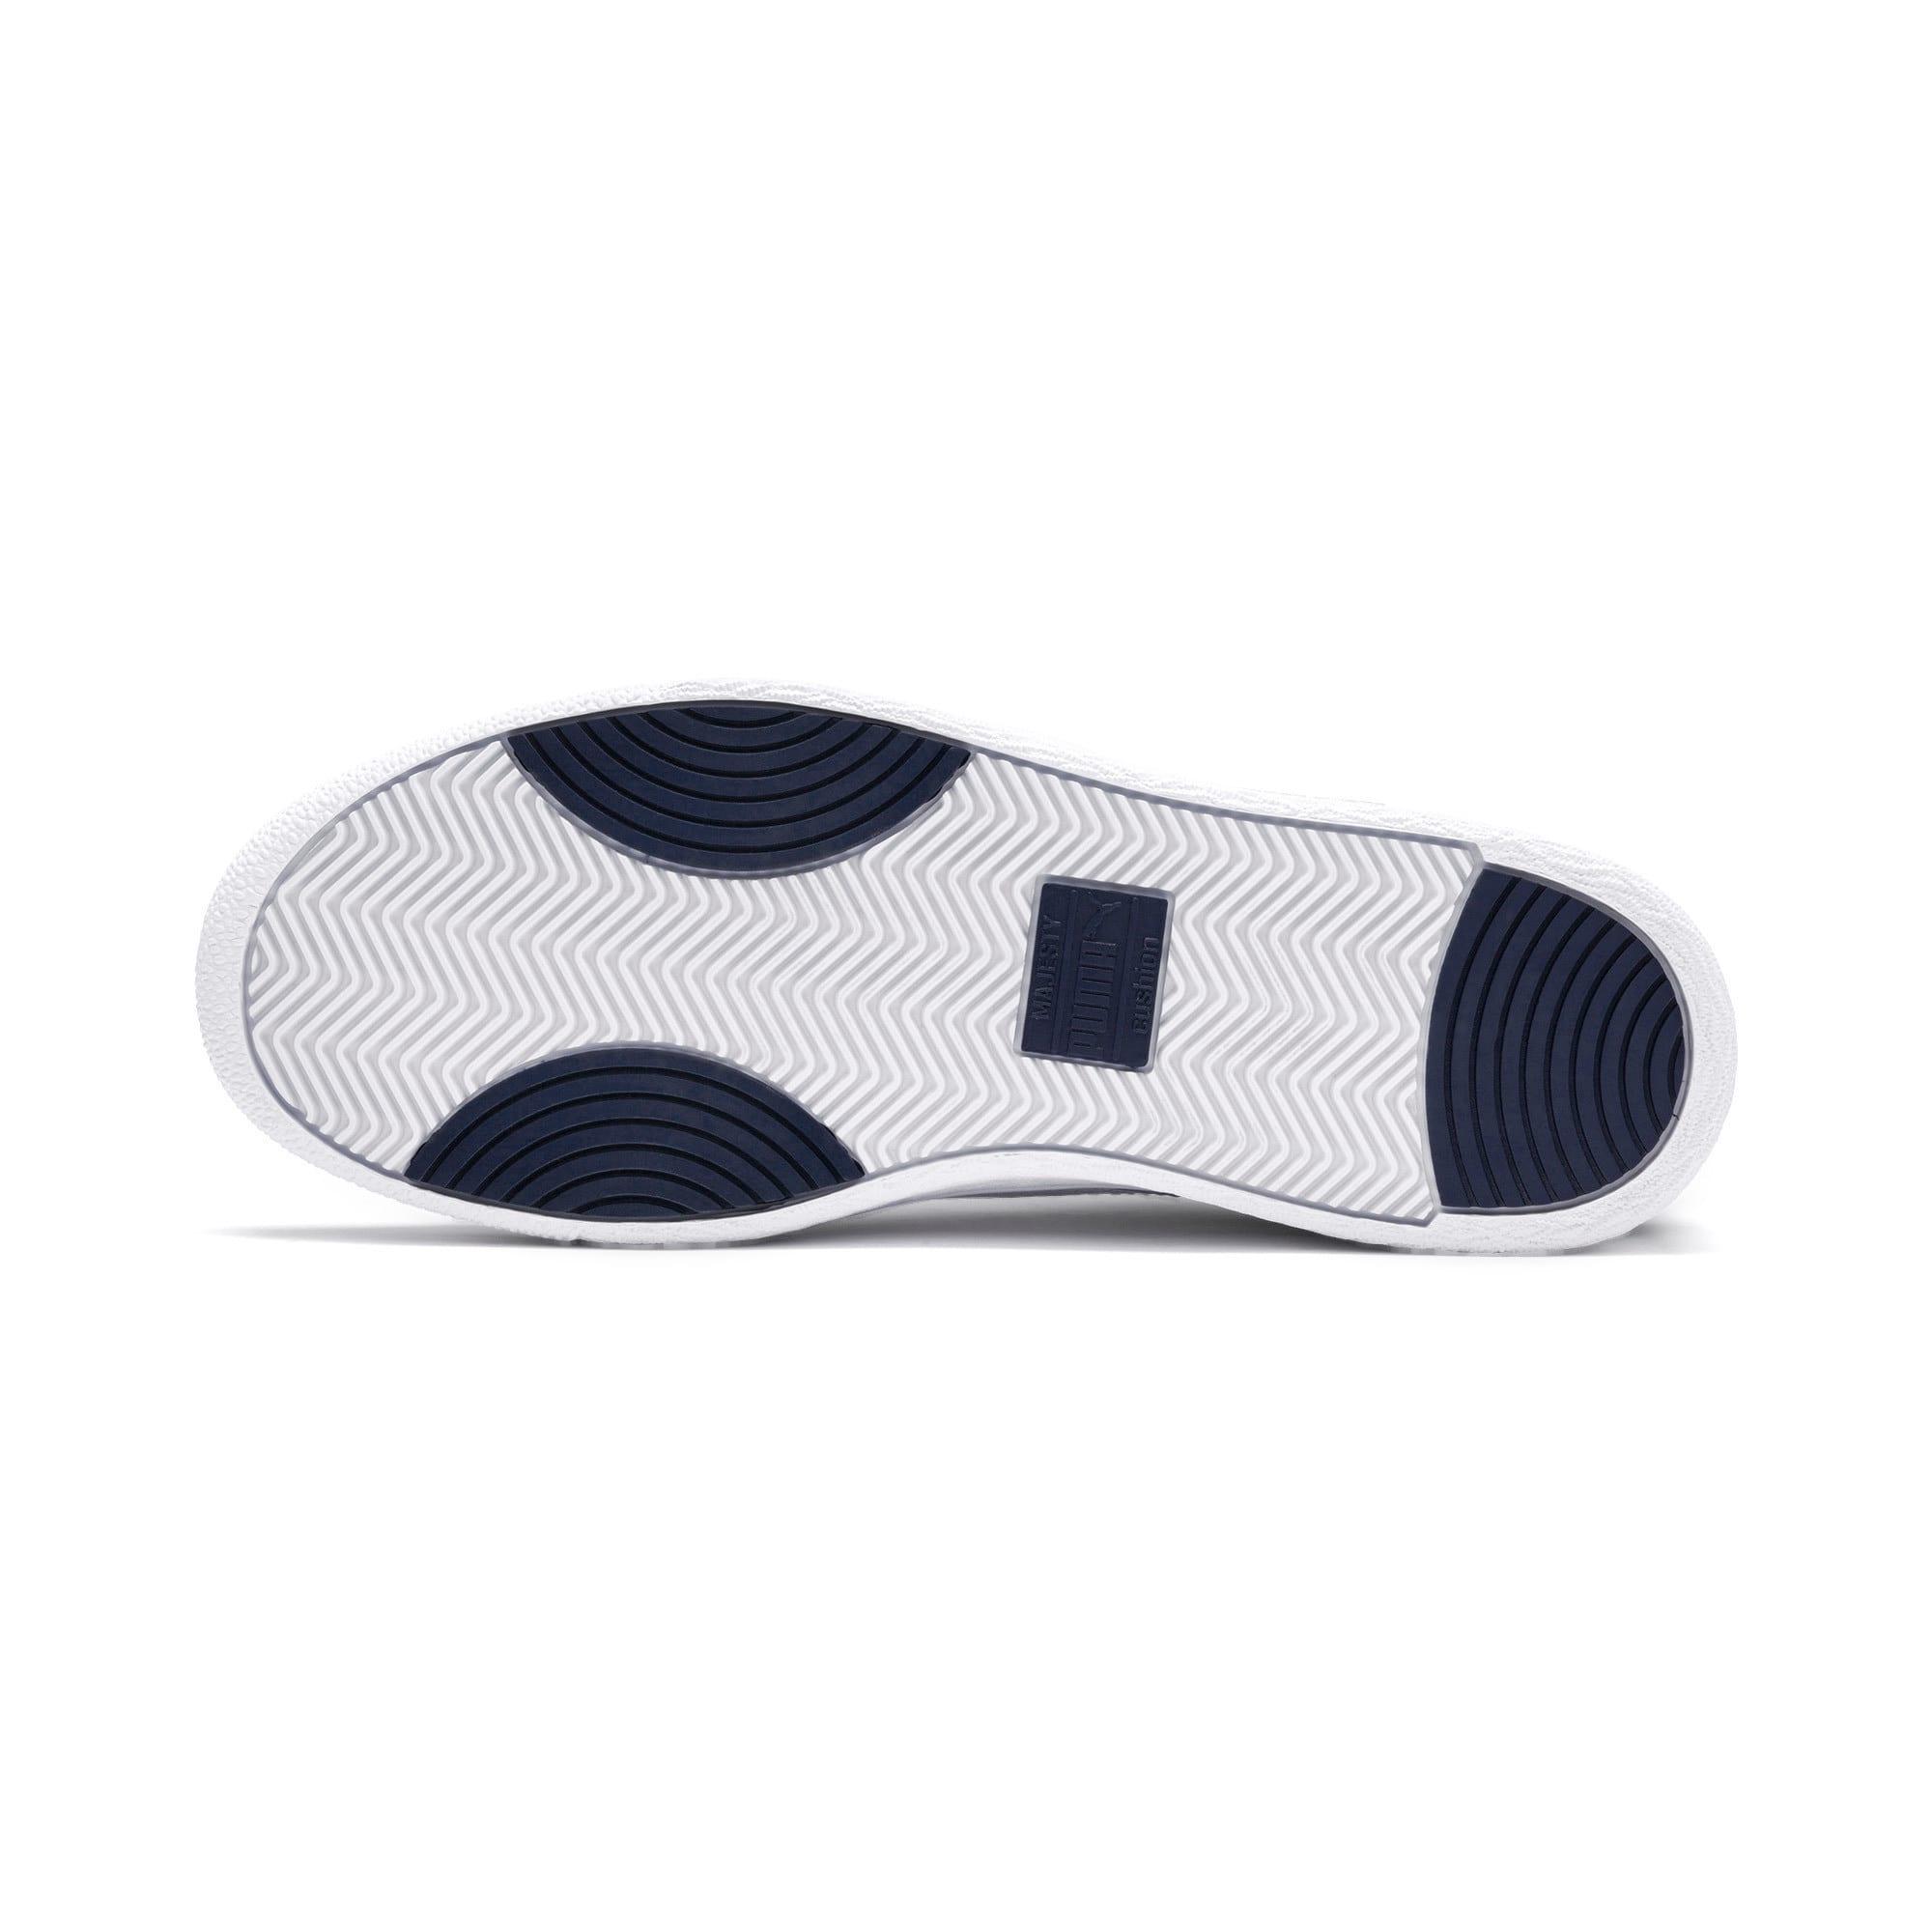 Miniatura 4 de Zapatos deportivosRalph Sampson Lo, Puma Wht-Peacoat-Puma Wht, mediano